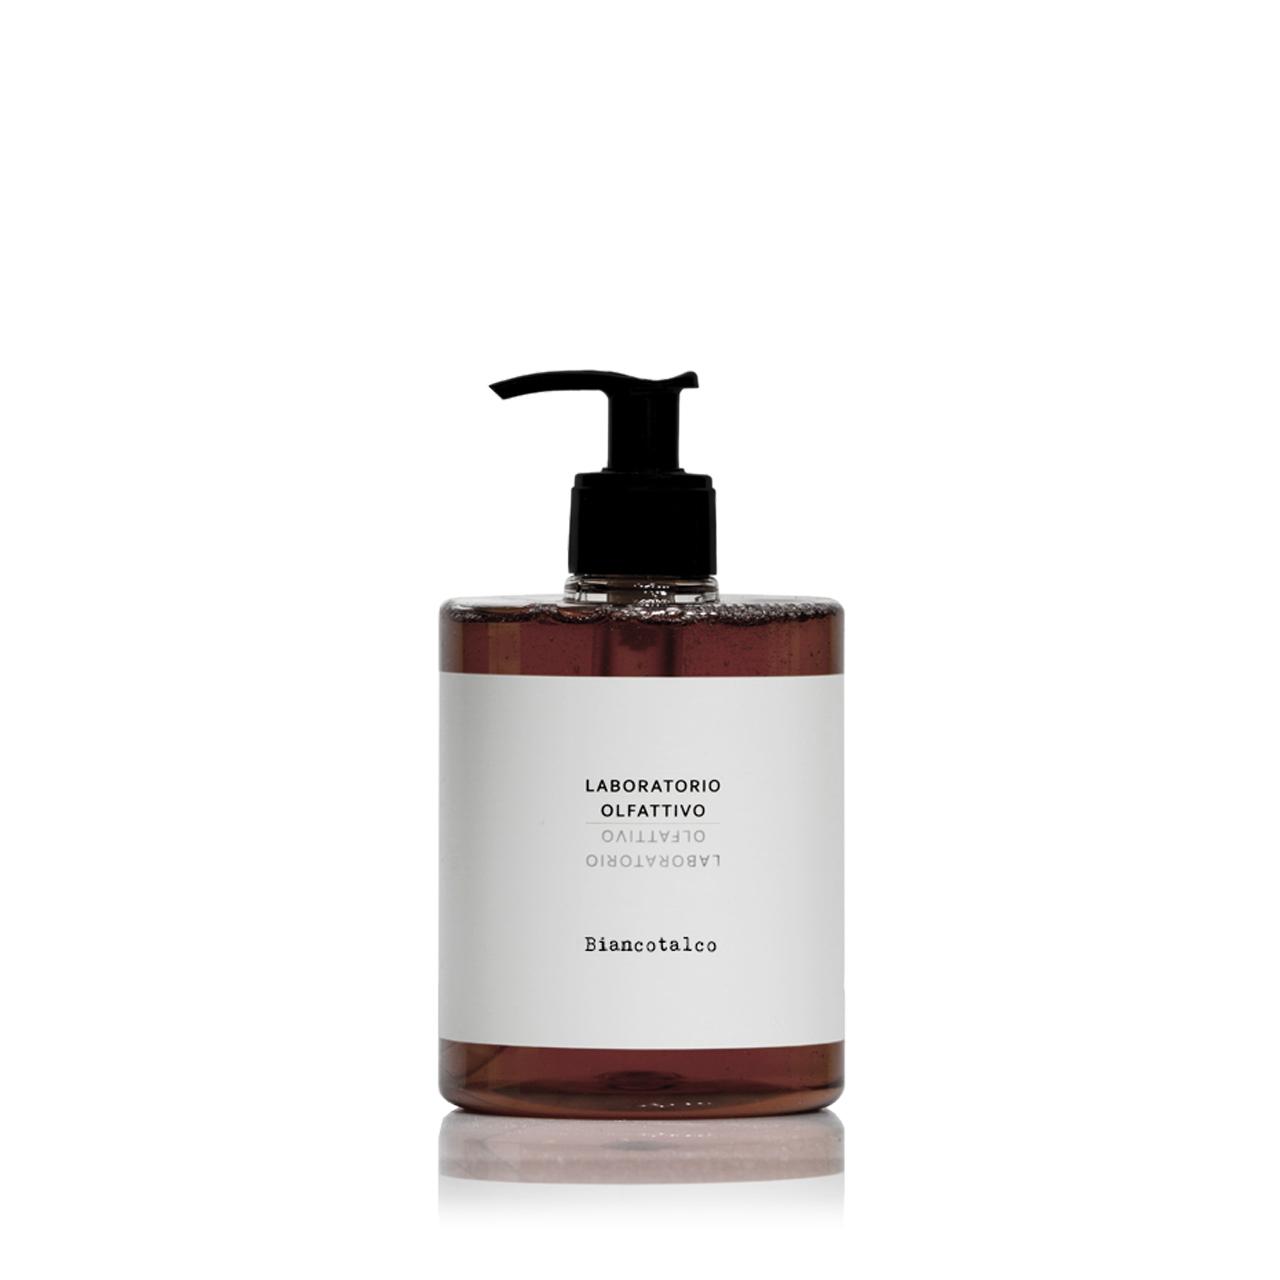 Biancotalco - Hand Wash